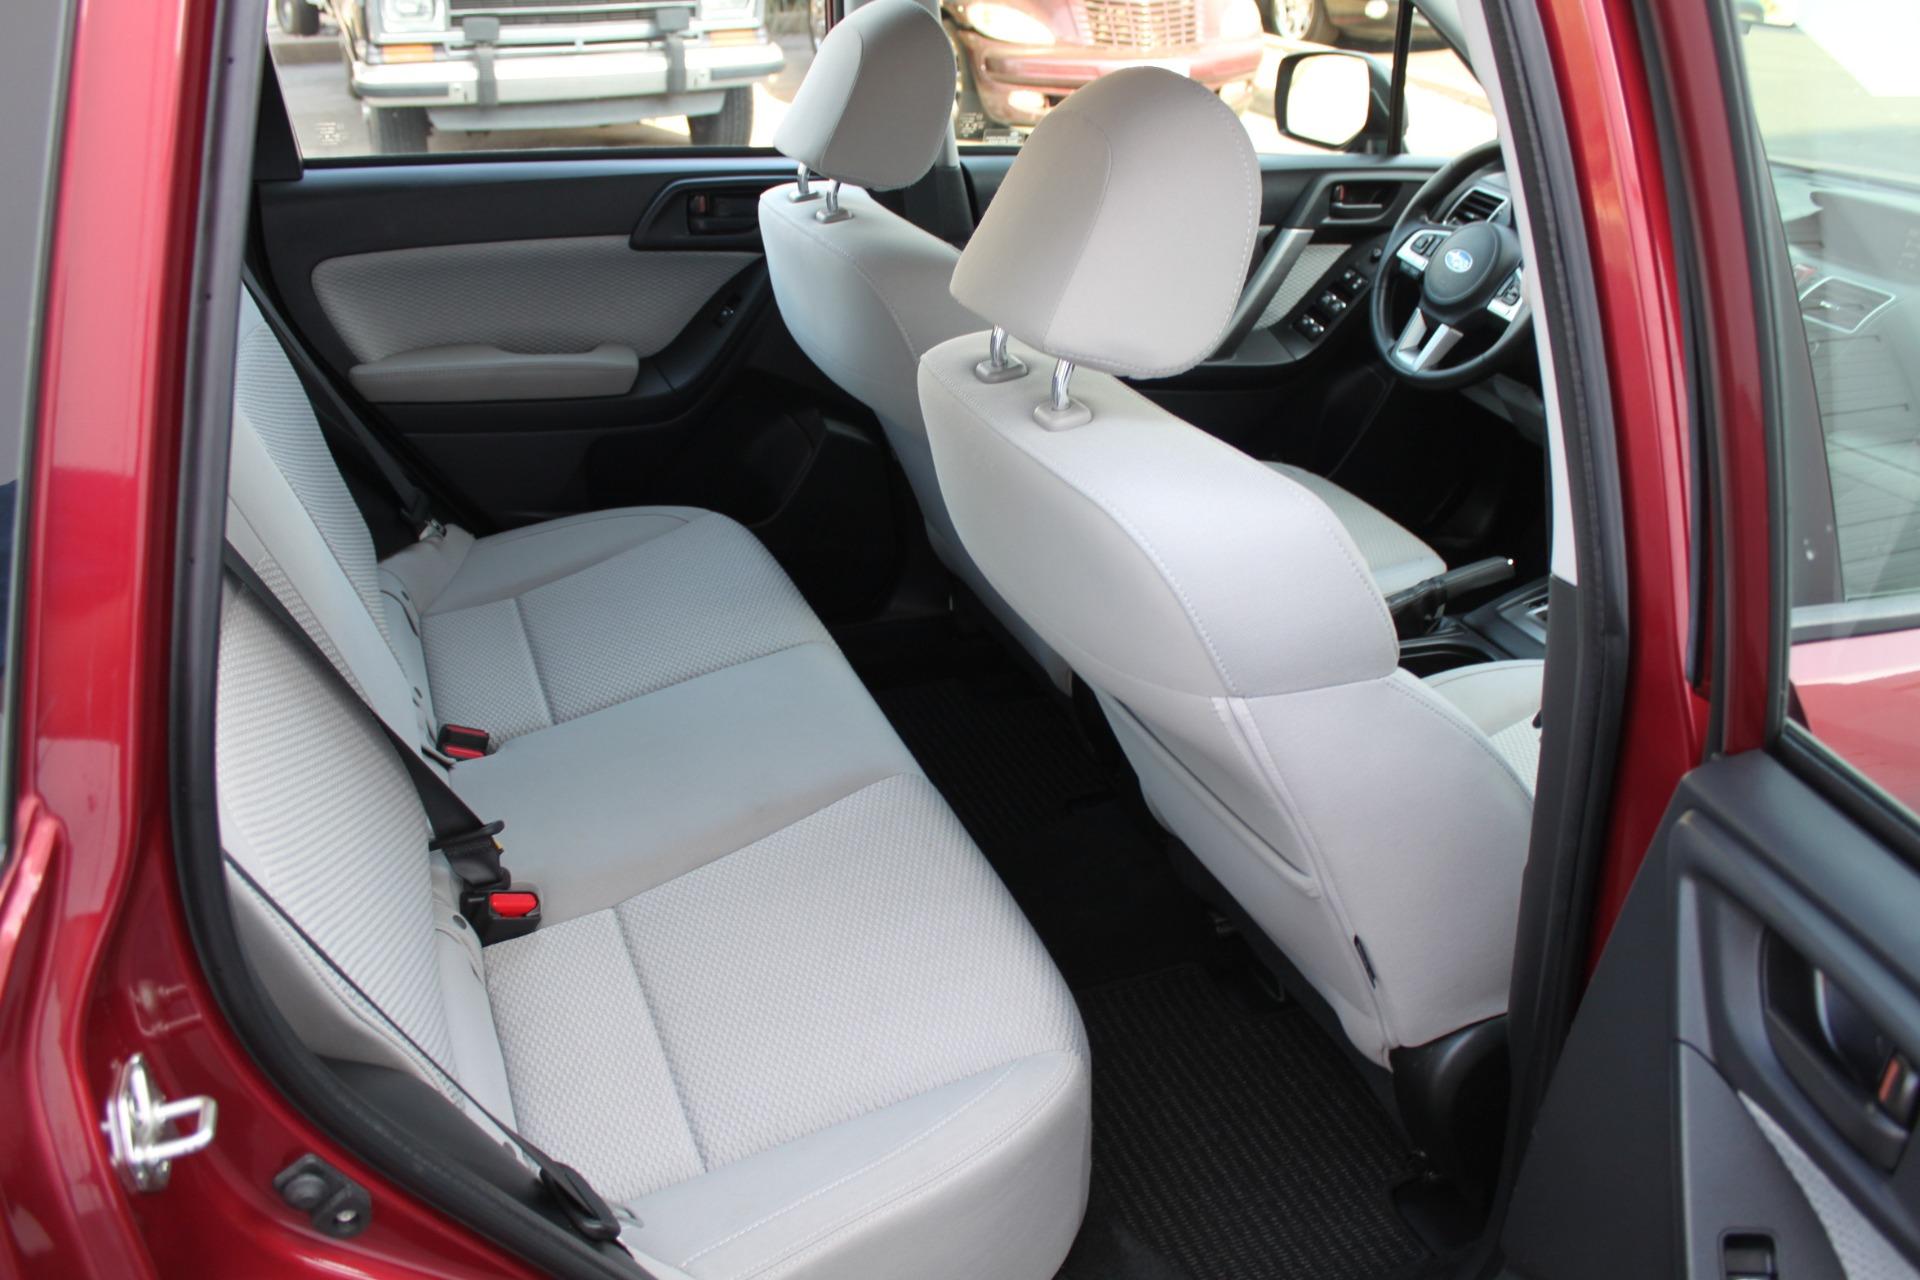 Used-2017-Subaru-Forester-25i-All-Wheel-Drive-25i-Lexus